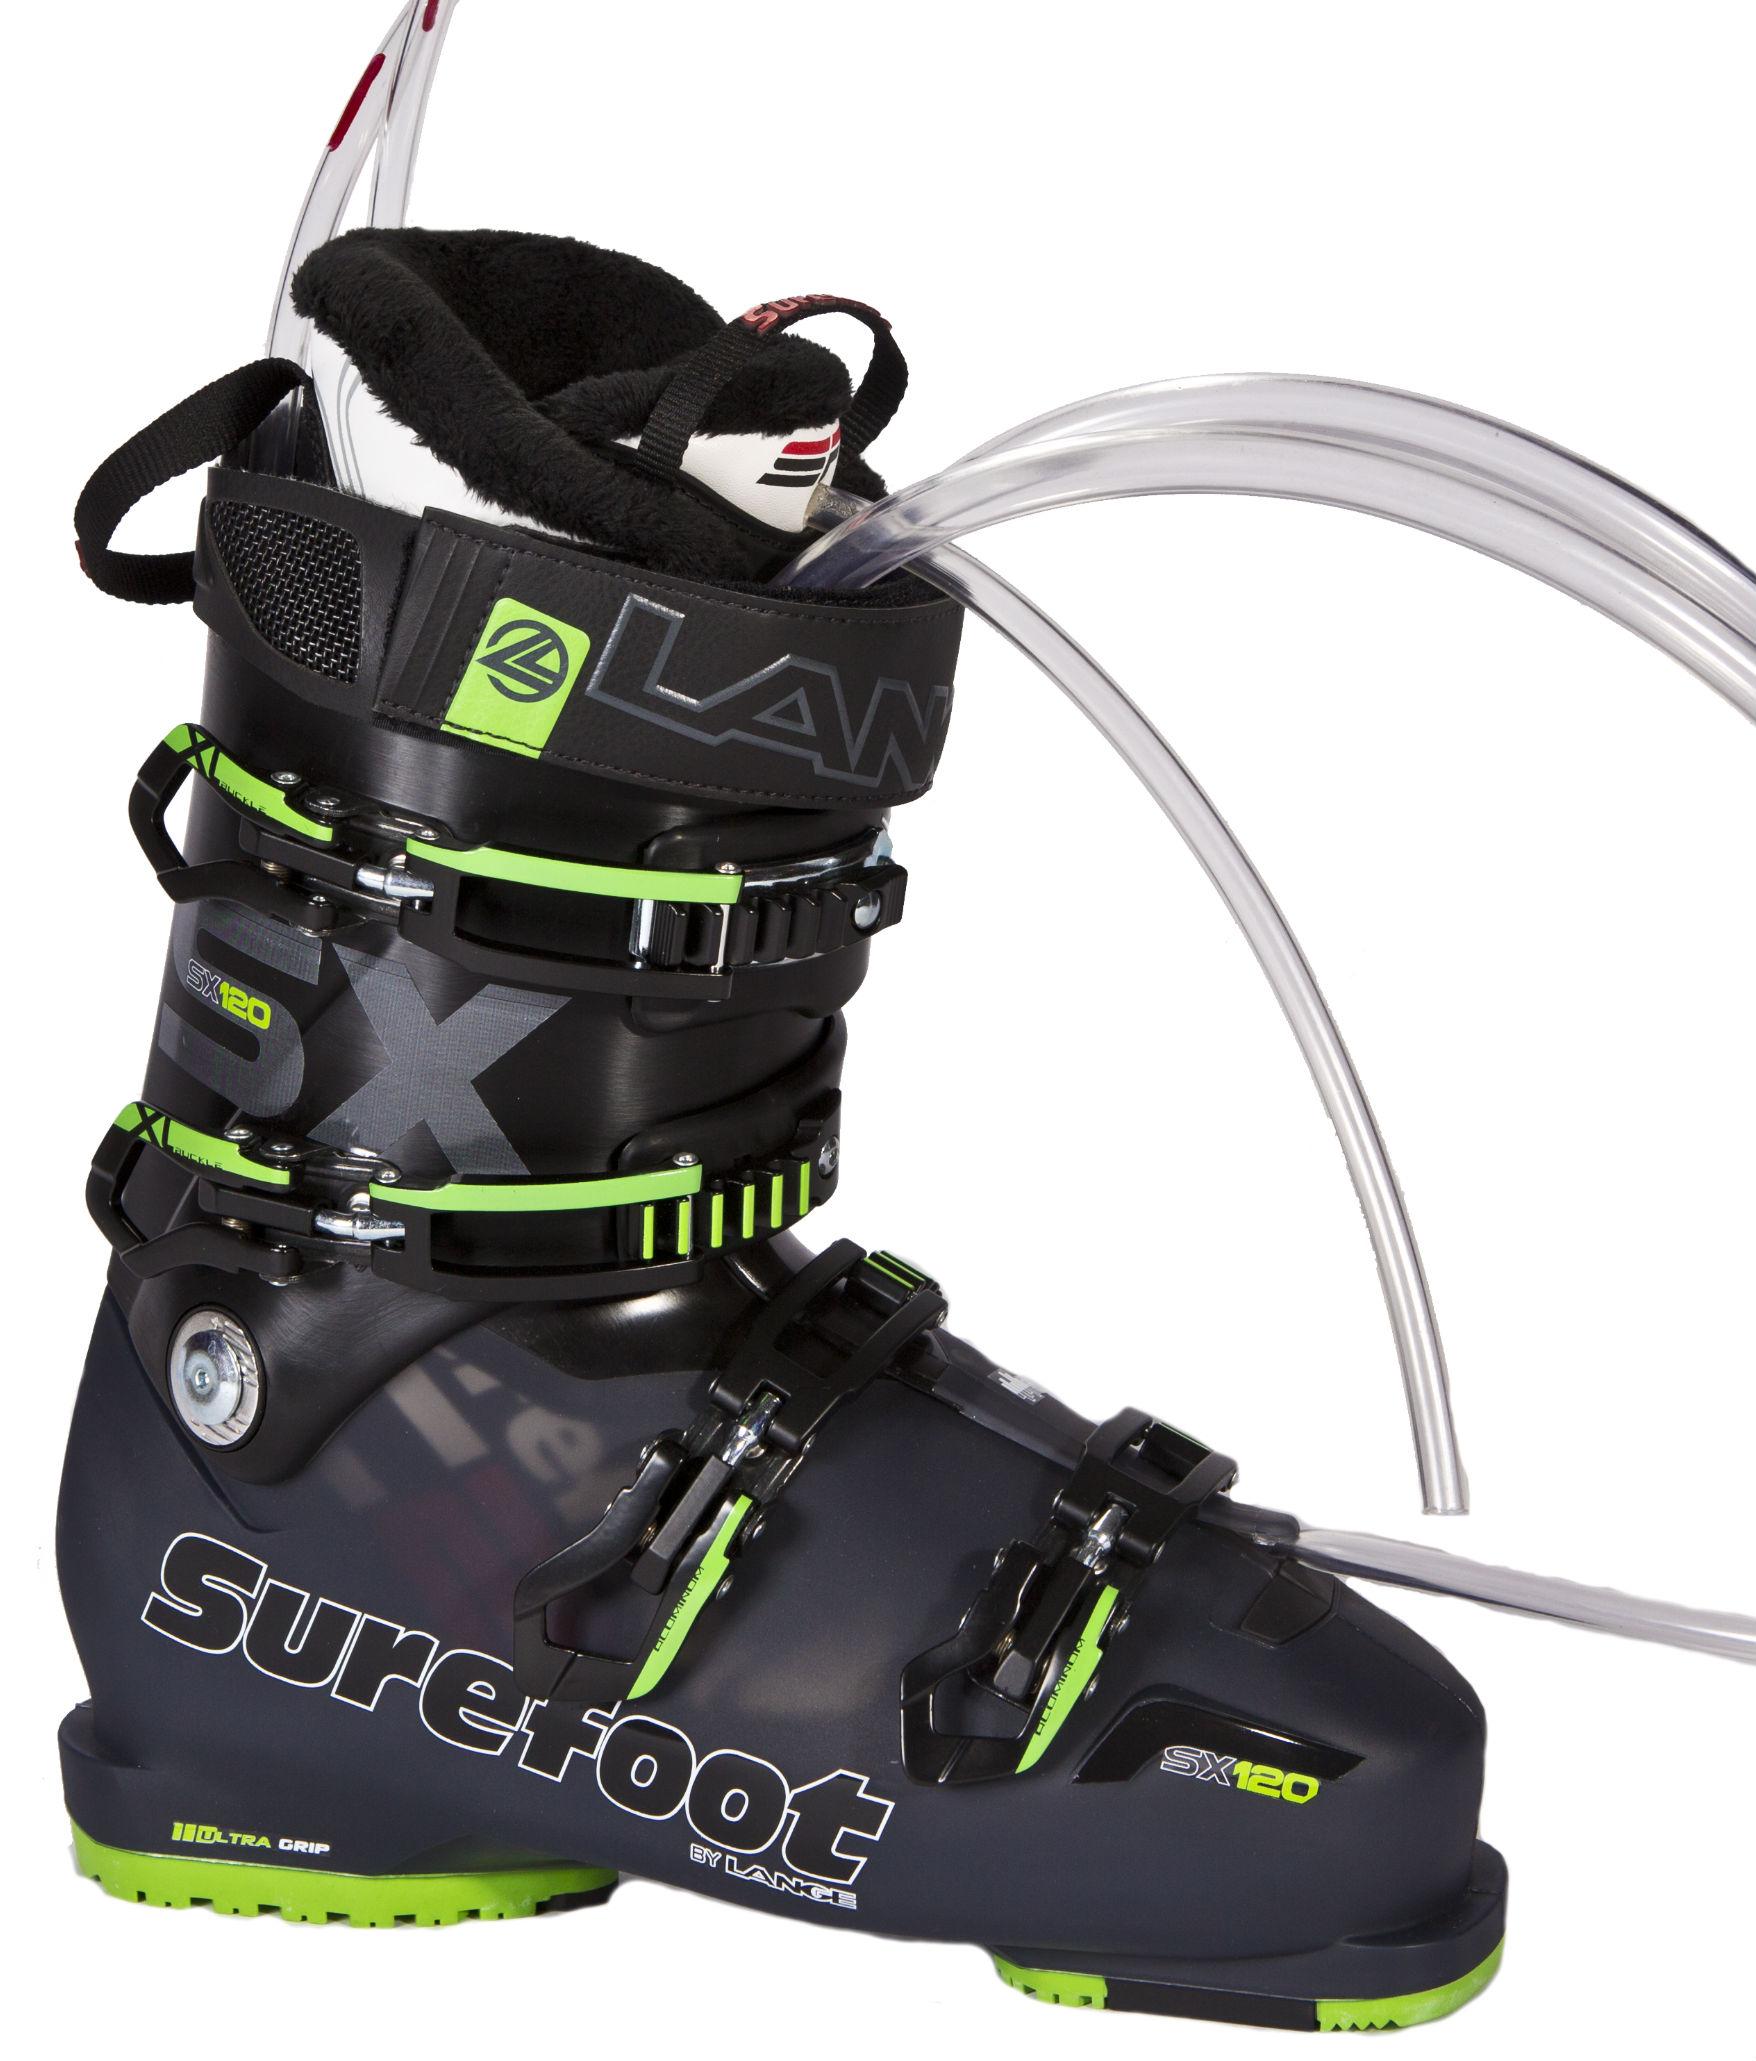 bc4d107f73 Men s Ski Boots - Custom Ski Boots - comfortable ski boots